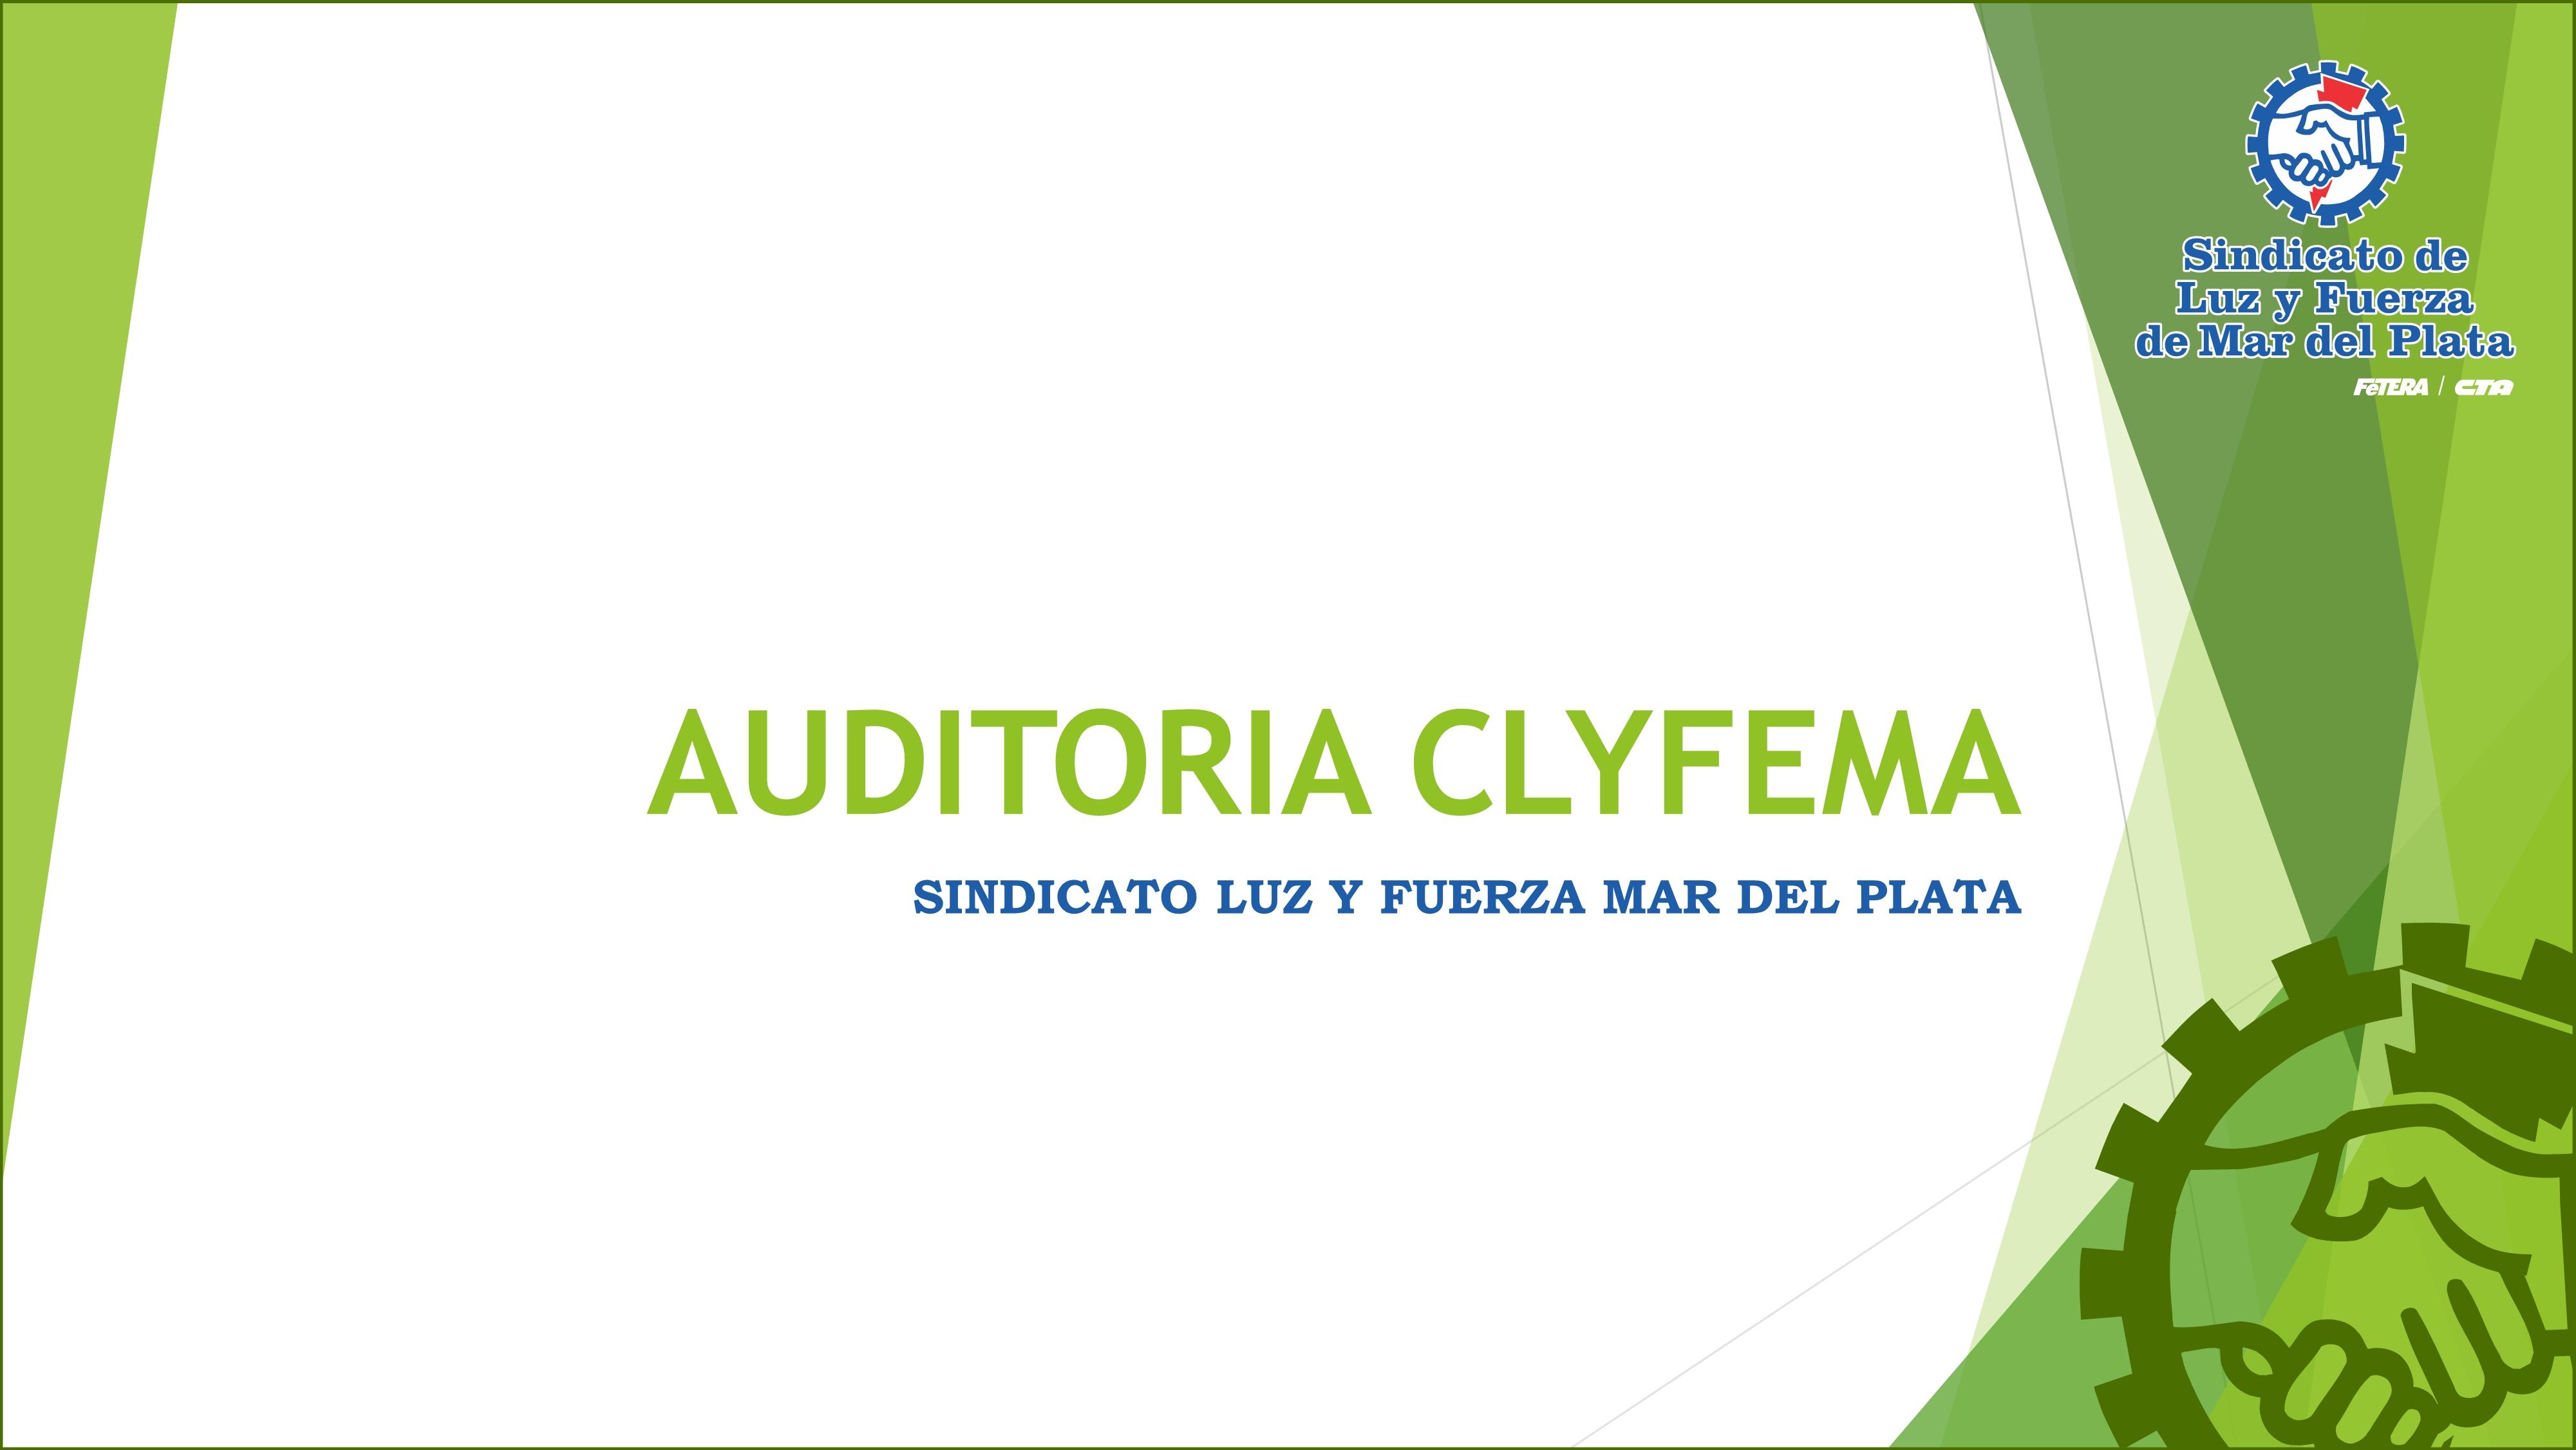 AUDITORIA EN CLyFEMA